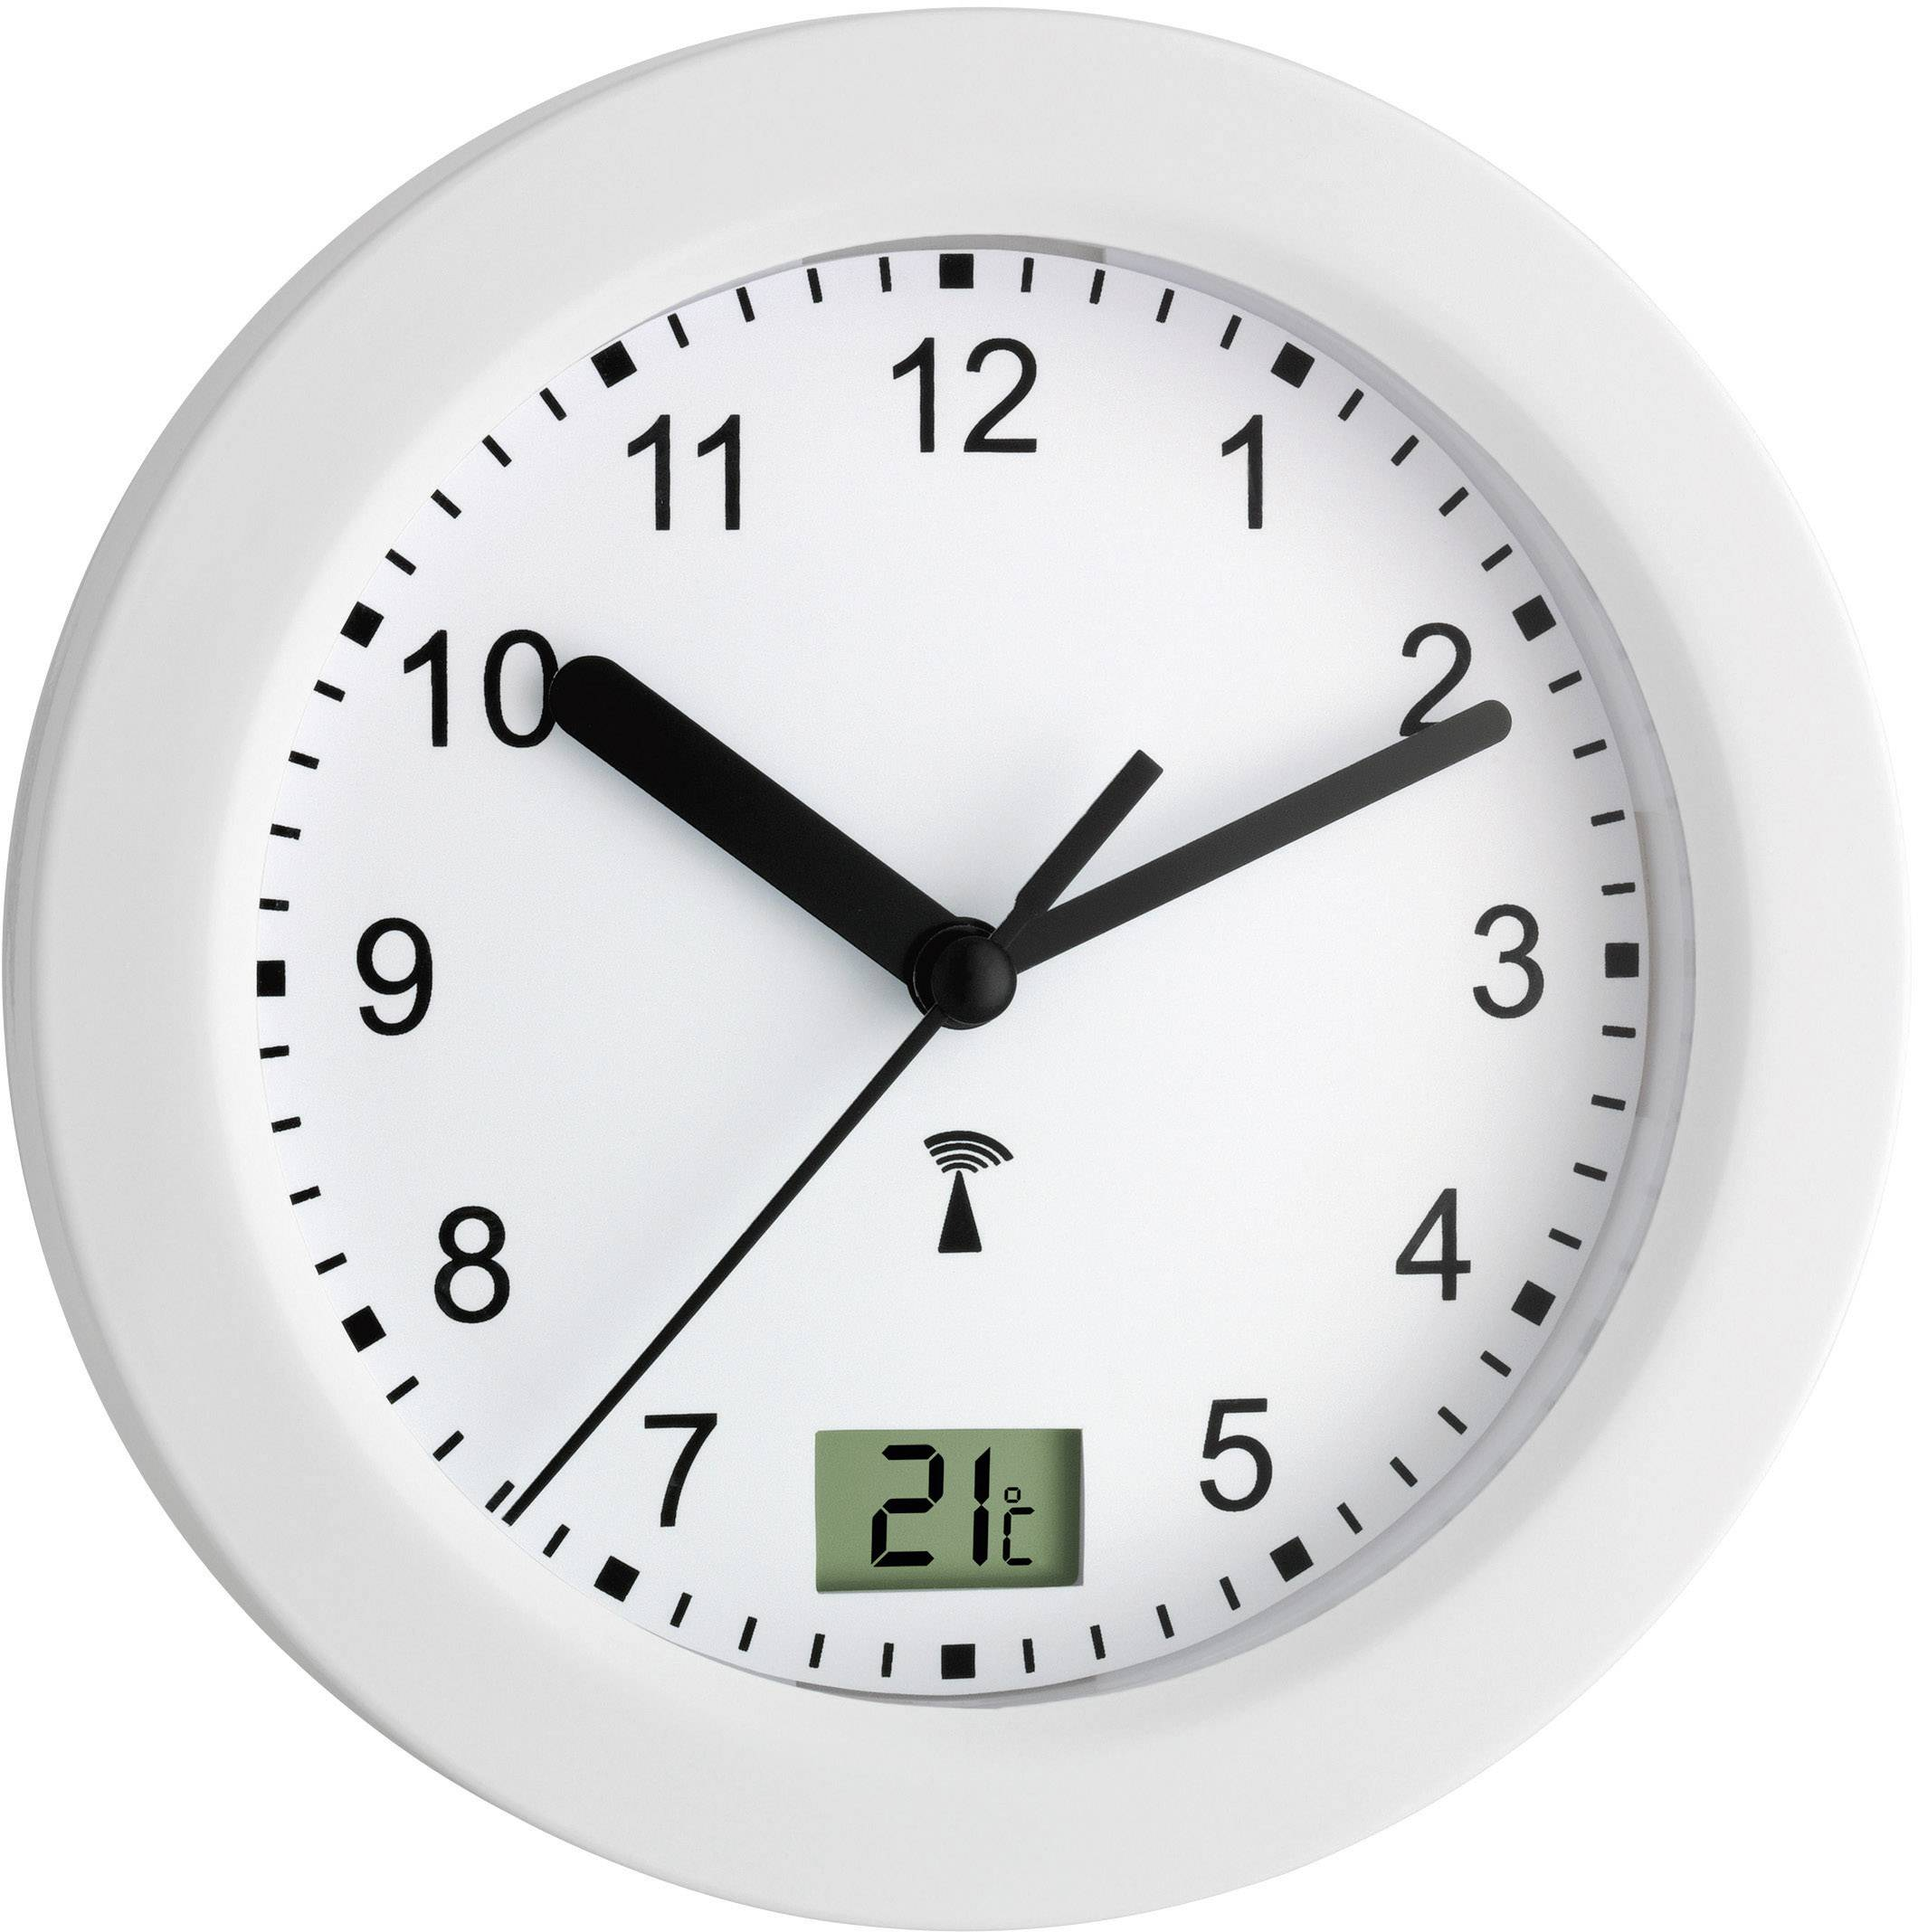 Analógové nástenné DCF hodiny do kúpeľne, Ø 17.5 cm, biele